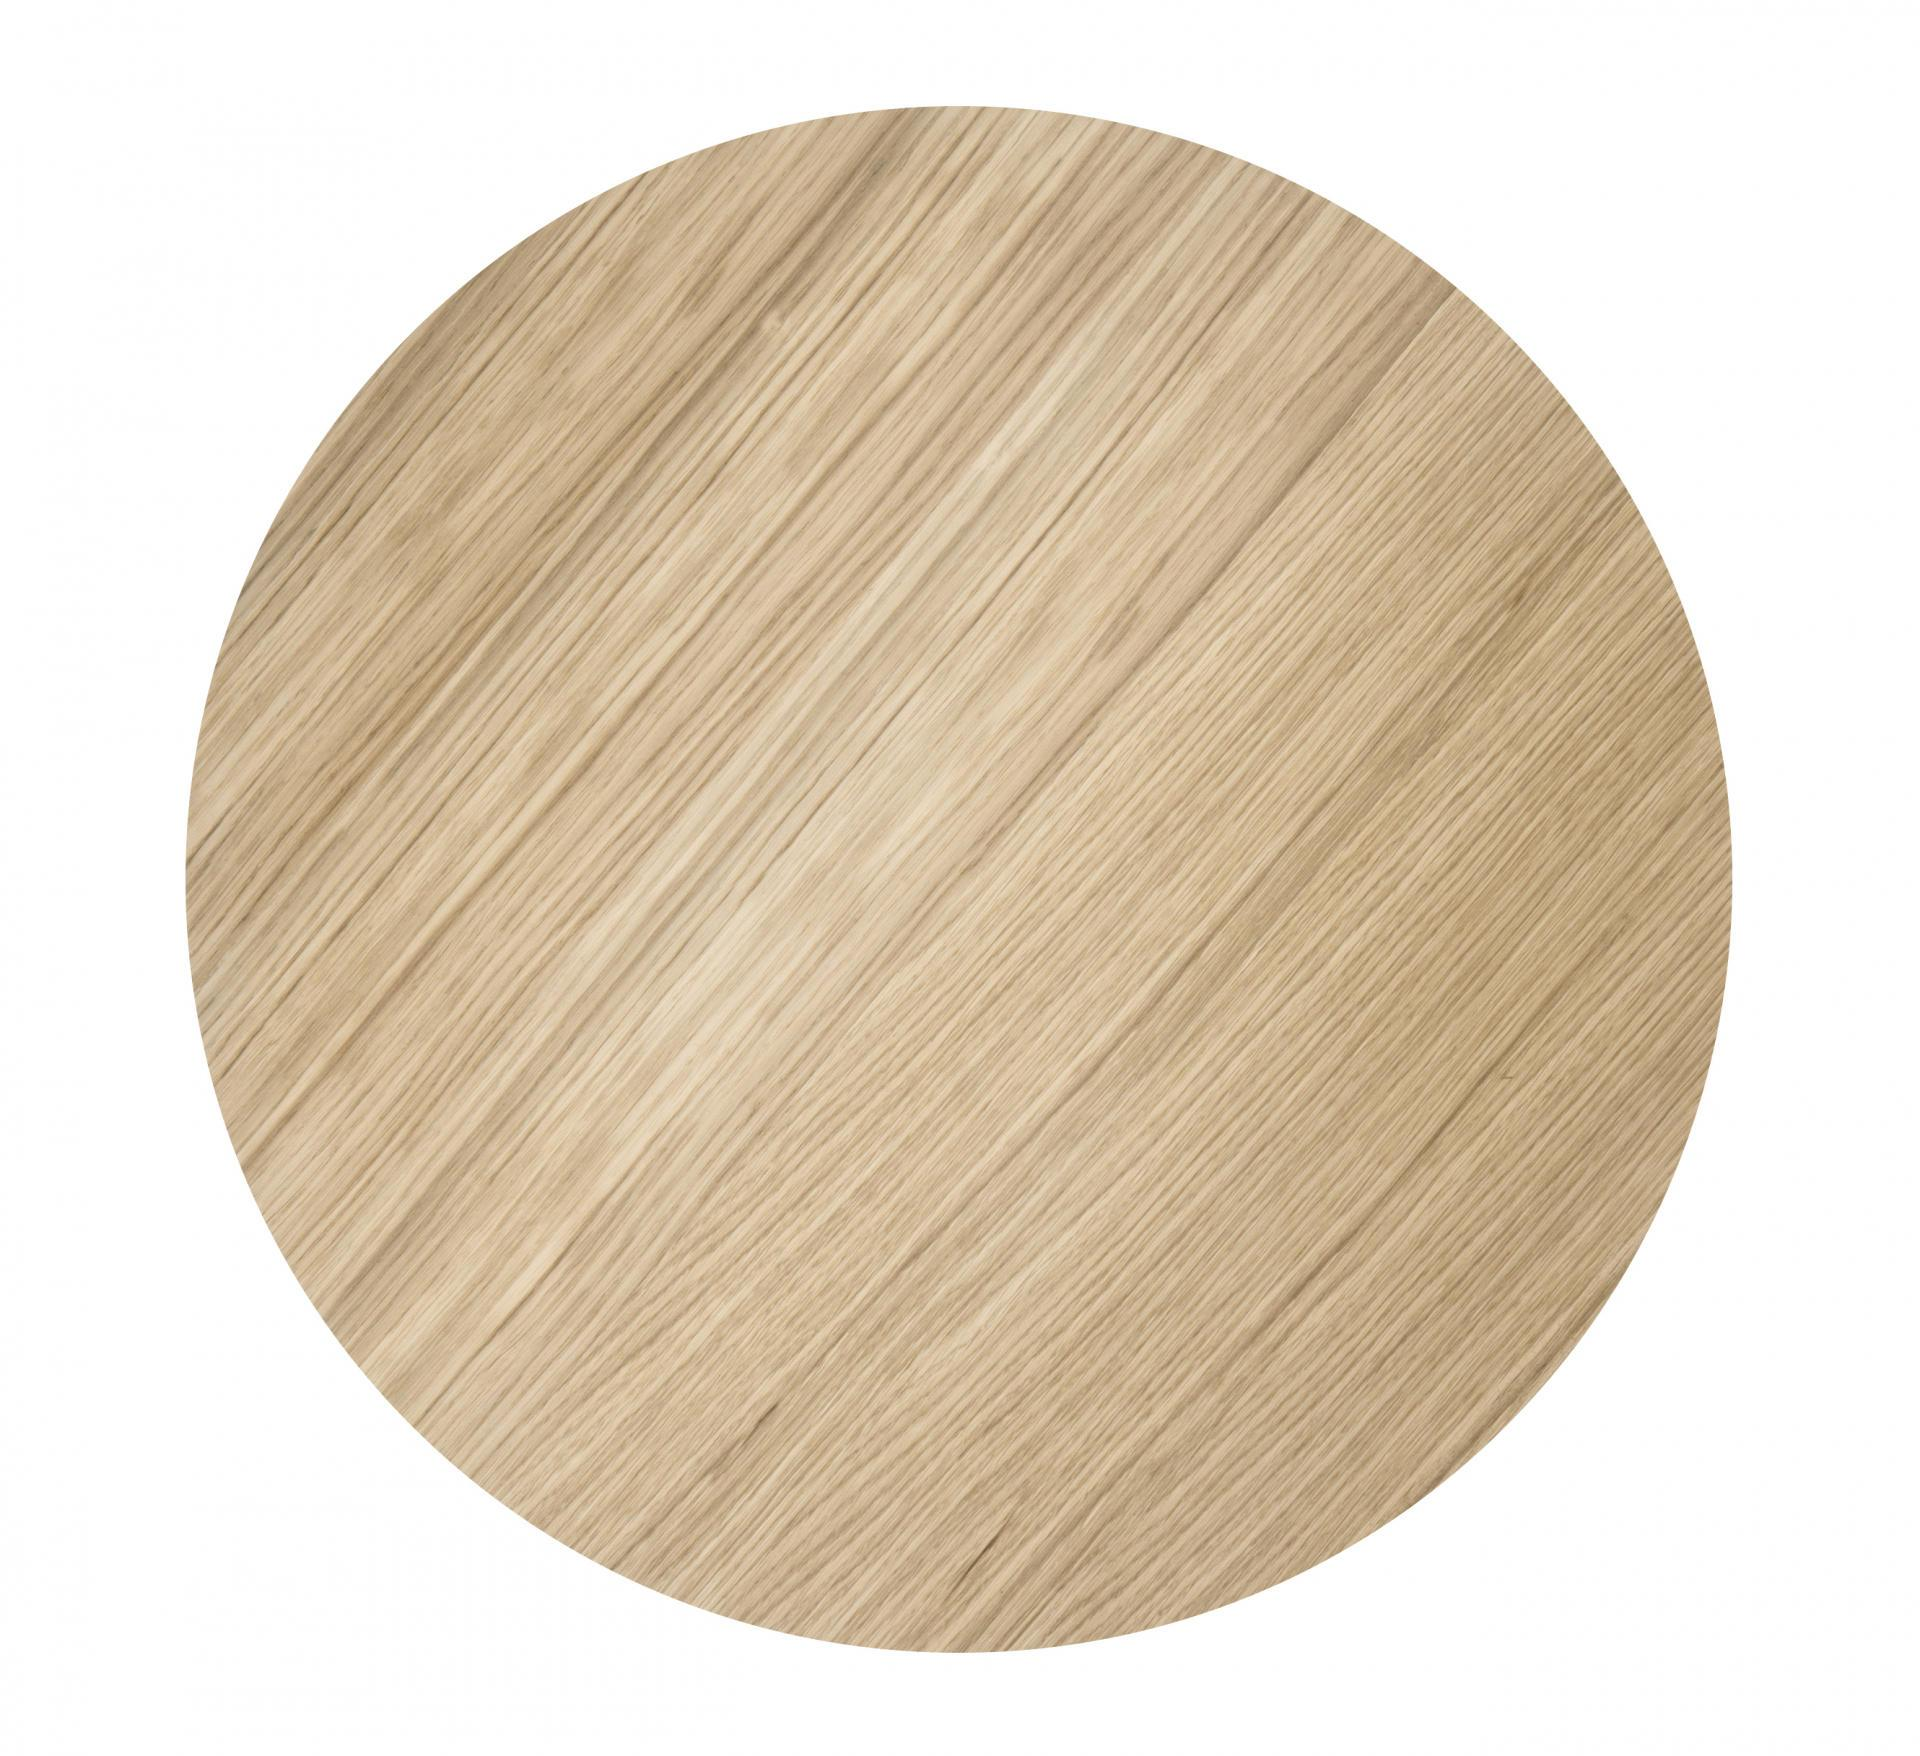 ferm LIVING Dřevěný poklop na drátěný koš Oiled Oak - medium, hnědá barva, přírodní barva, dřevo